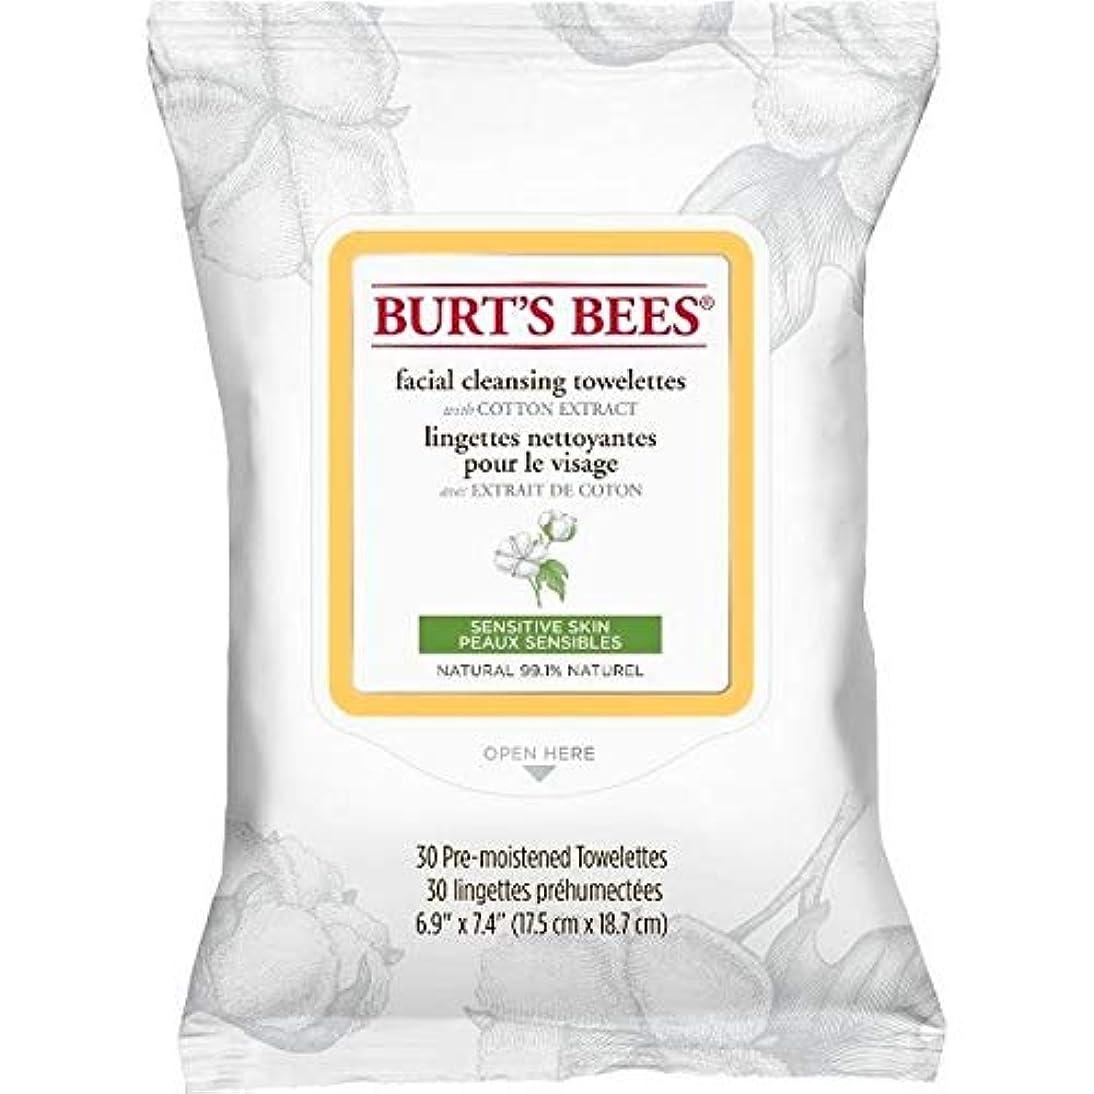 インストラクター収束参照する[Burt's Bees ] バーツビー敏感な顔の浄化用ペーパータオルエキスX30 - Burt's Bees Sensitive Facial Cleanse Towelettes Extract x30 [並行輸入品]